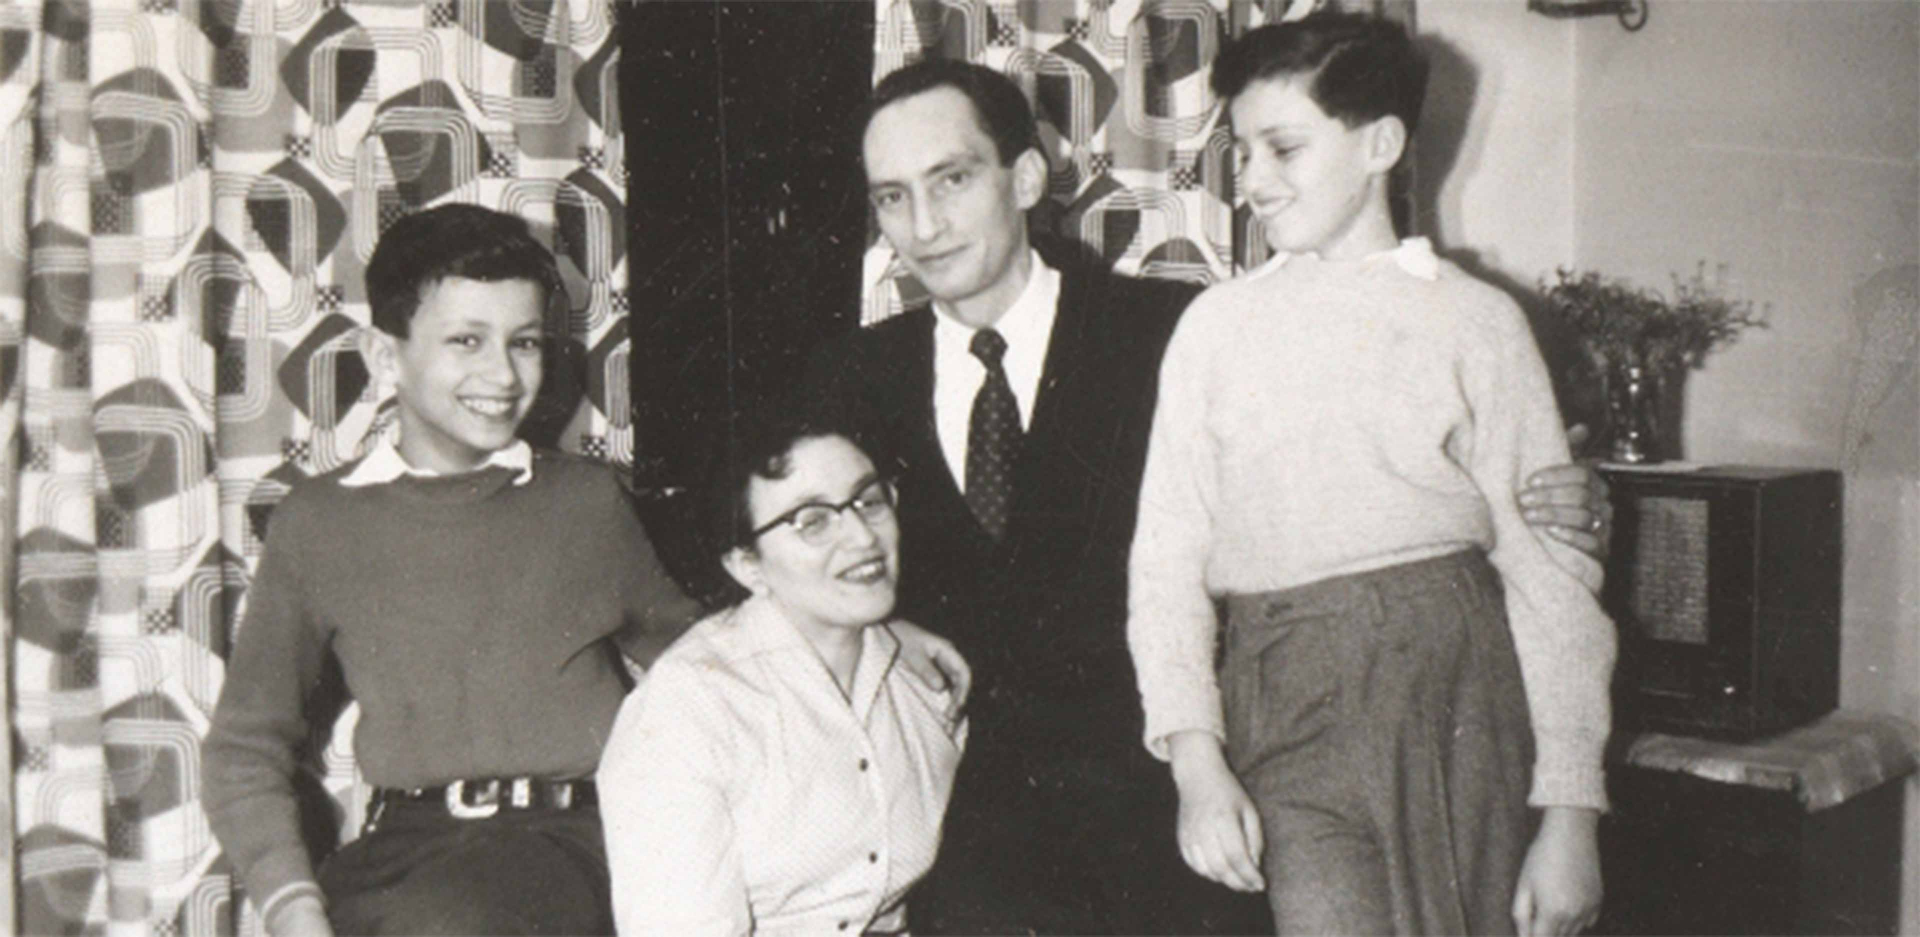 Die Aufnahme zeigt zwei Erwachsene und zwei Kindern in einer Wohnung mit gemusterten Vorhängen. Die beiden Jungs stehen rechts und links neben den Erwachsenen, in der Mitte sitzt eine Frau mit Brille, rechts neben ihr befindet sich ein Mann im Anzug.